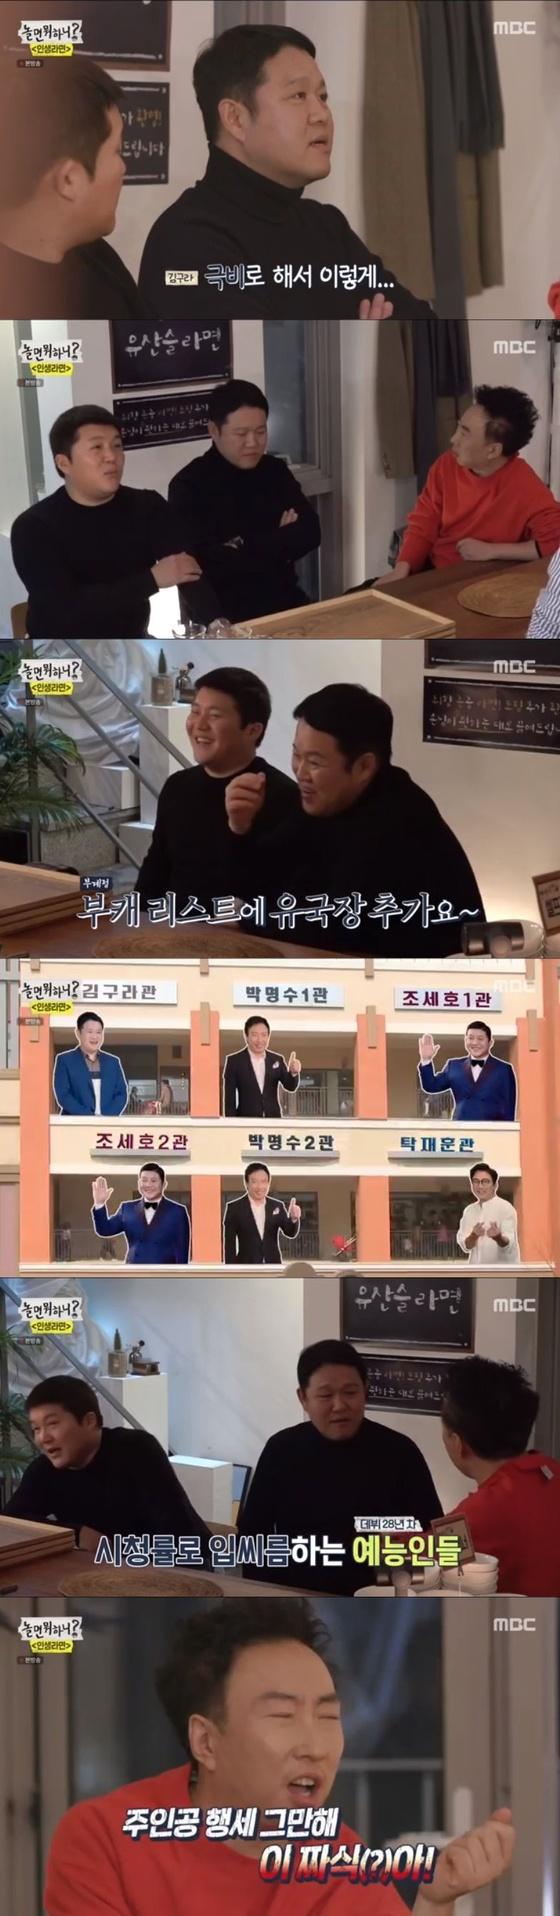 [RE:TV] 김구라 ♥고백…'놀면뭐하니' 인생라면, 예능계의 심야식당